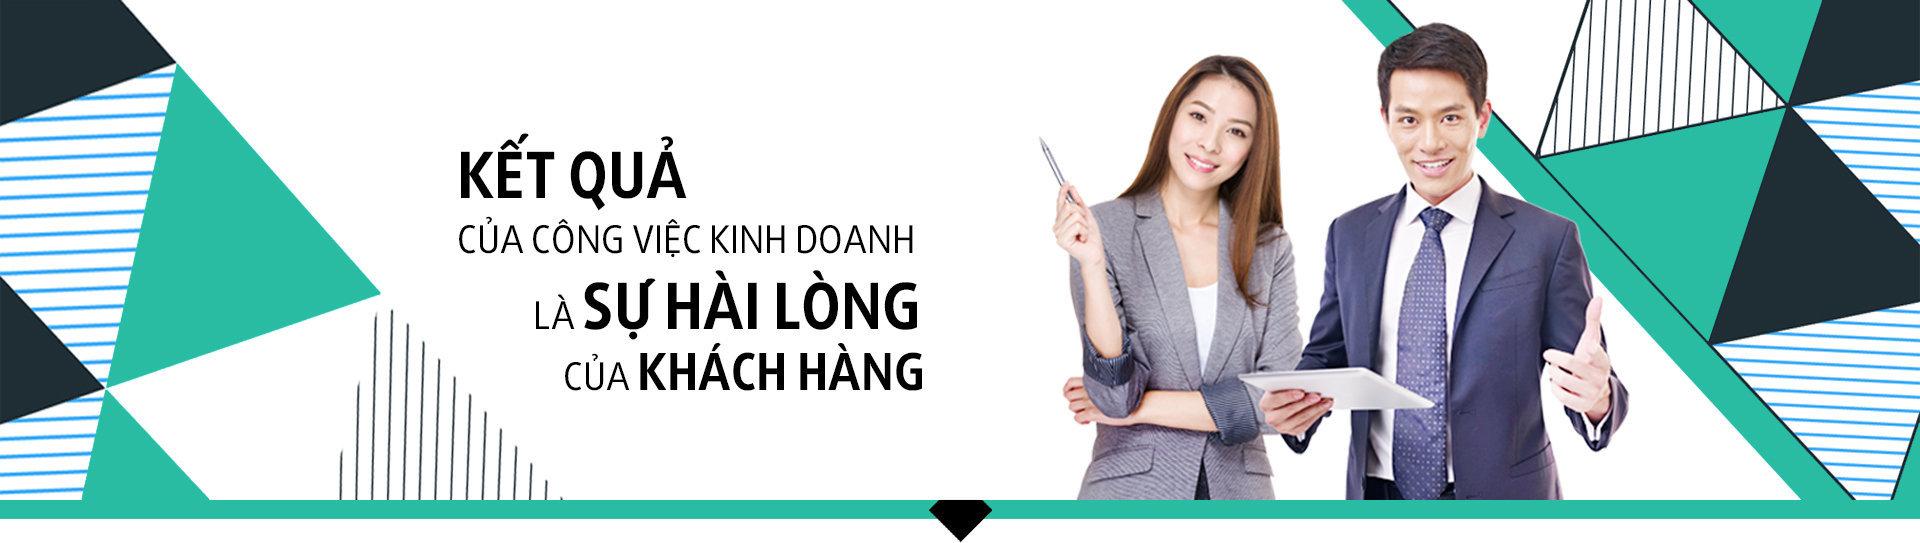 Đến với dịch vụ của chúng tôi quý khách hàng sẽ nhận được sự các sản phẩm chuyên nghiệp - nhanh chóng - hiệu quả.